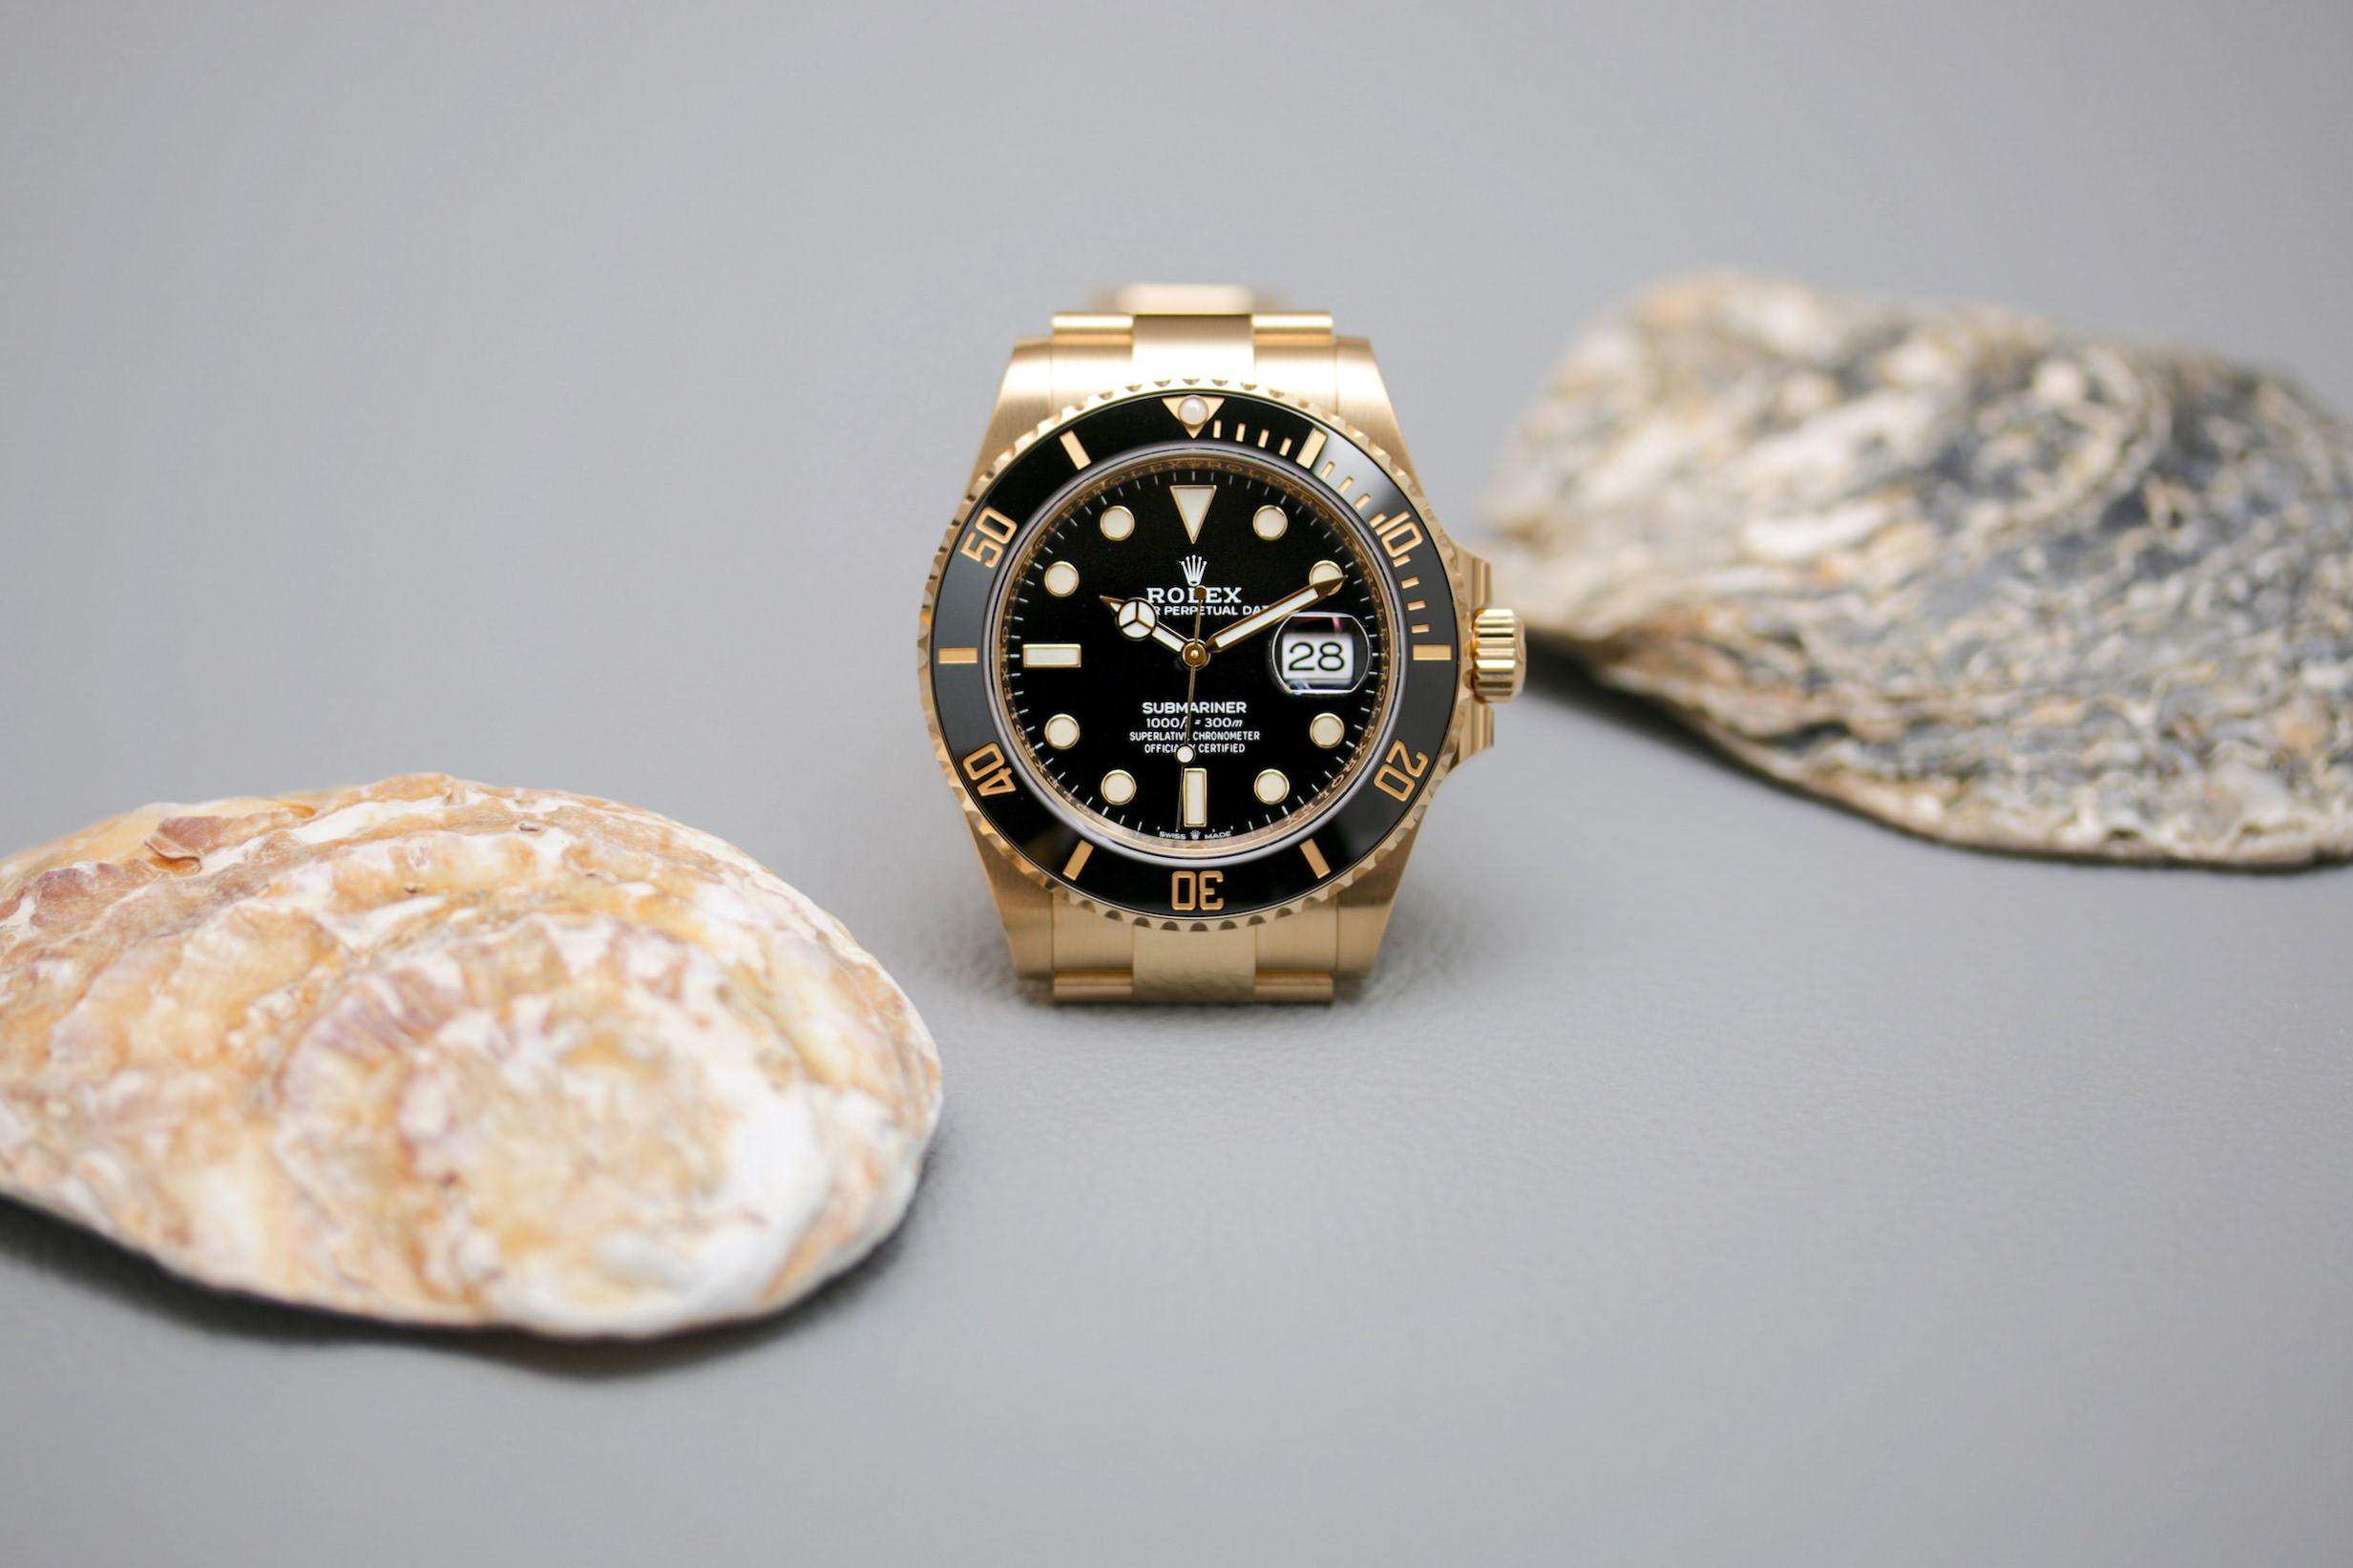 Die neue Rolex Submariner 1216618